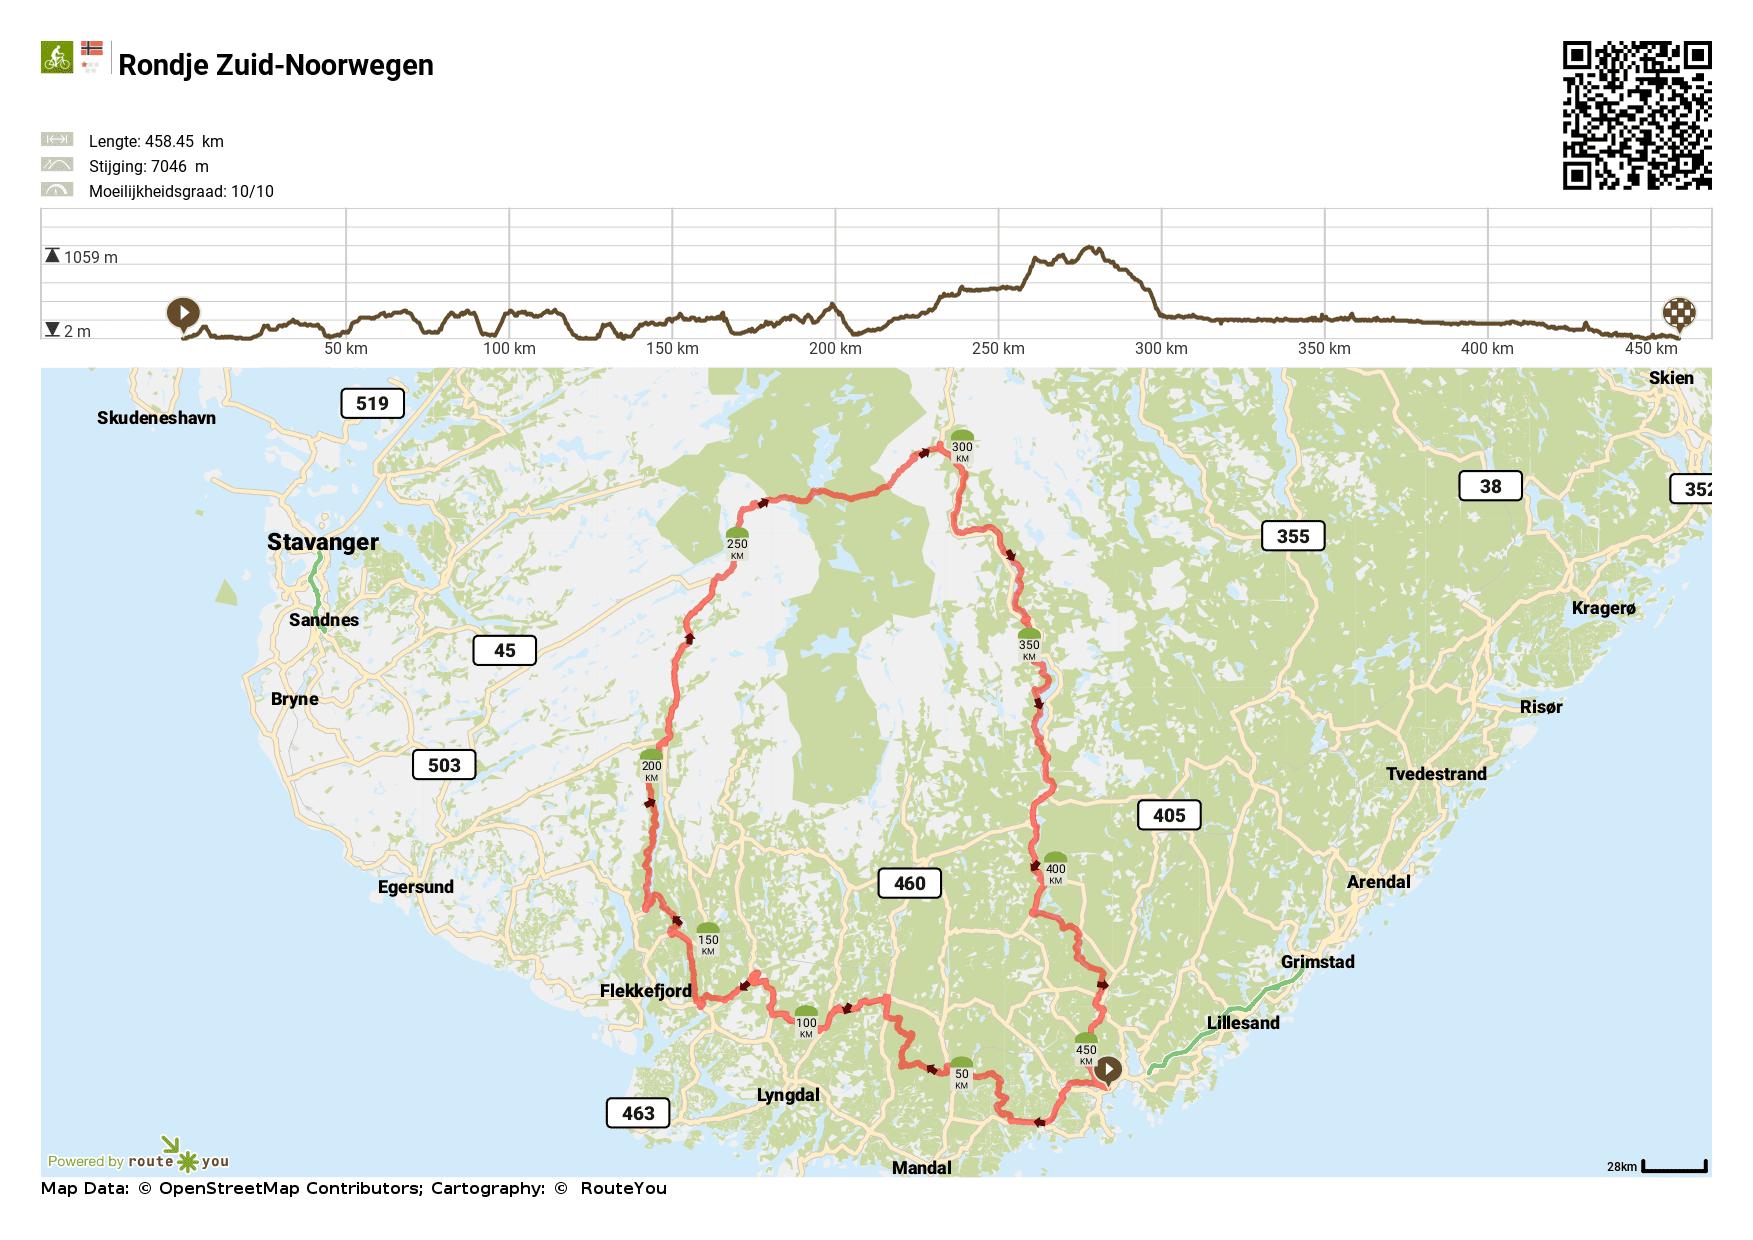 Fietsroute Noorwegen